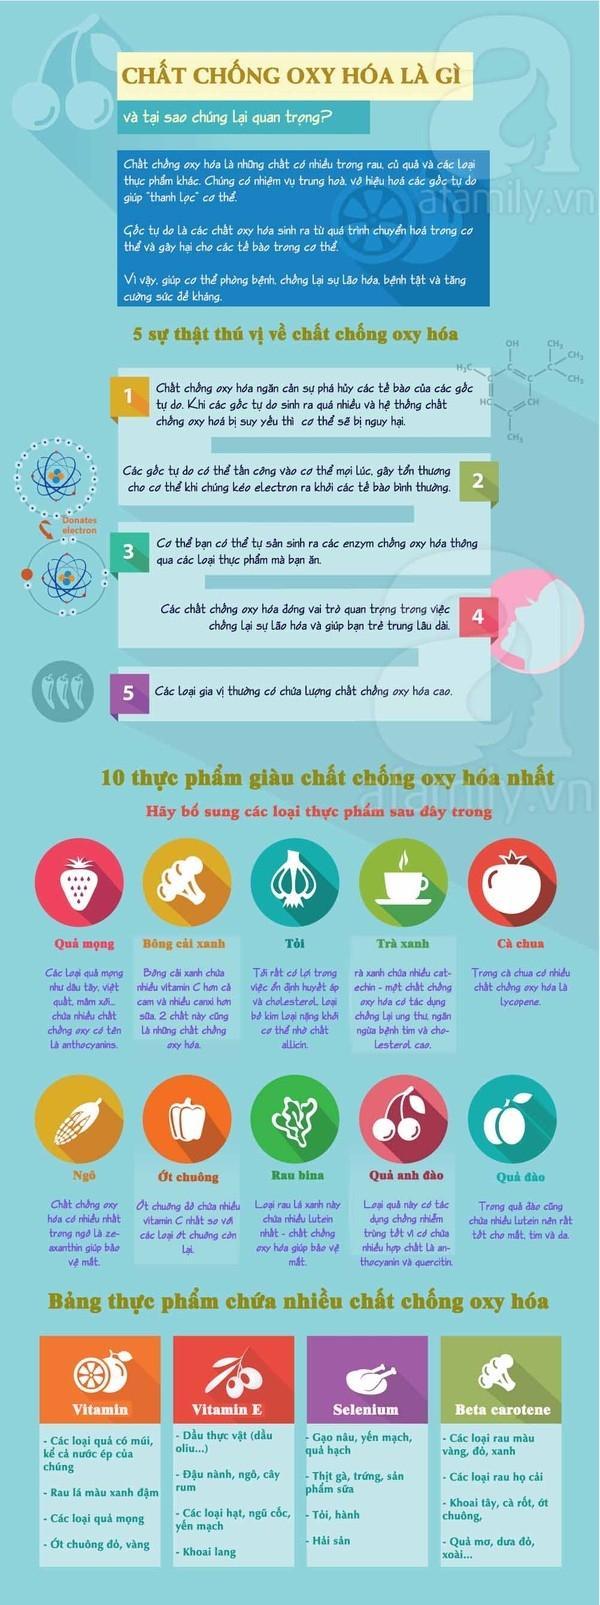 10 thực phẩm chứa chất chống oxy hóa giúp bạn trẻ trung